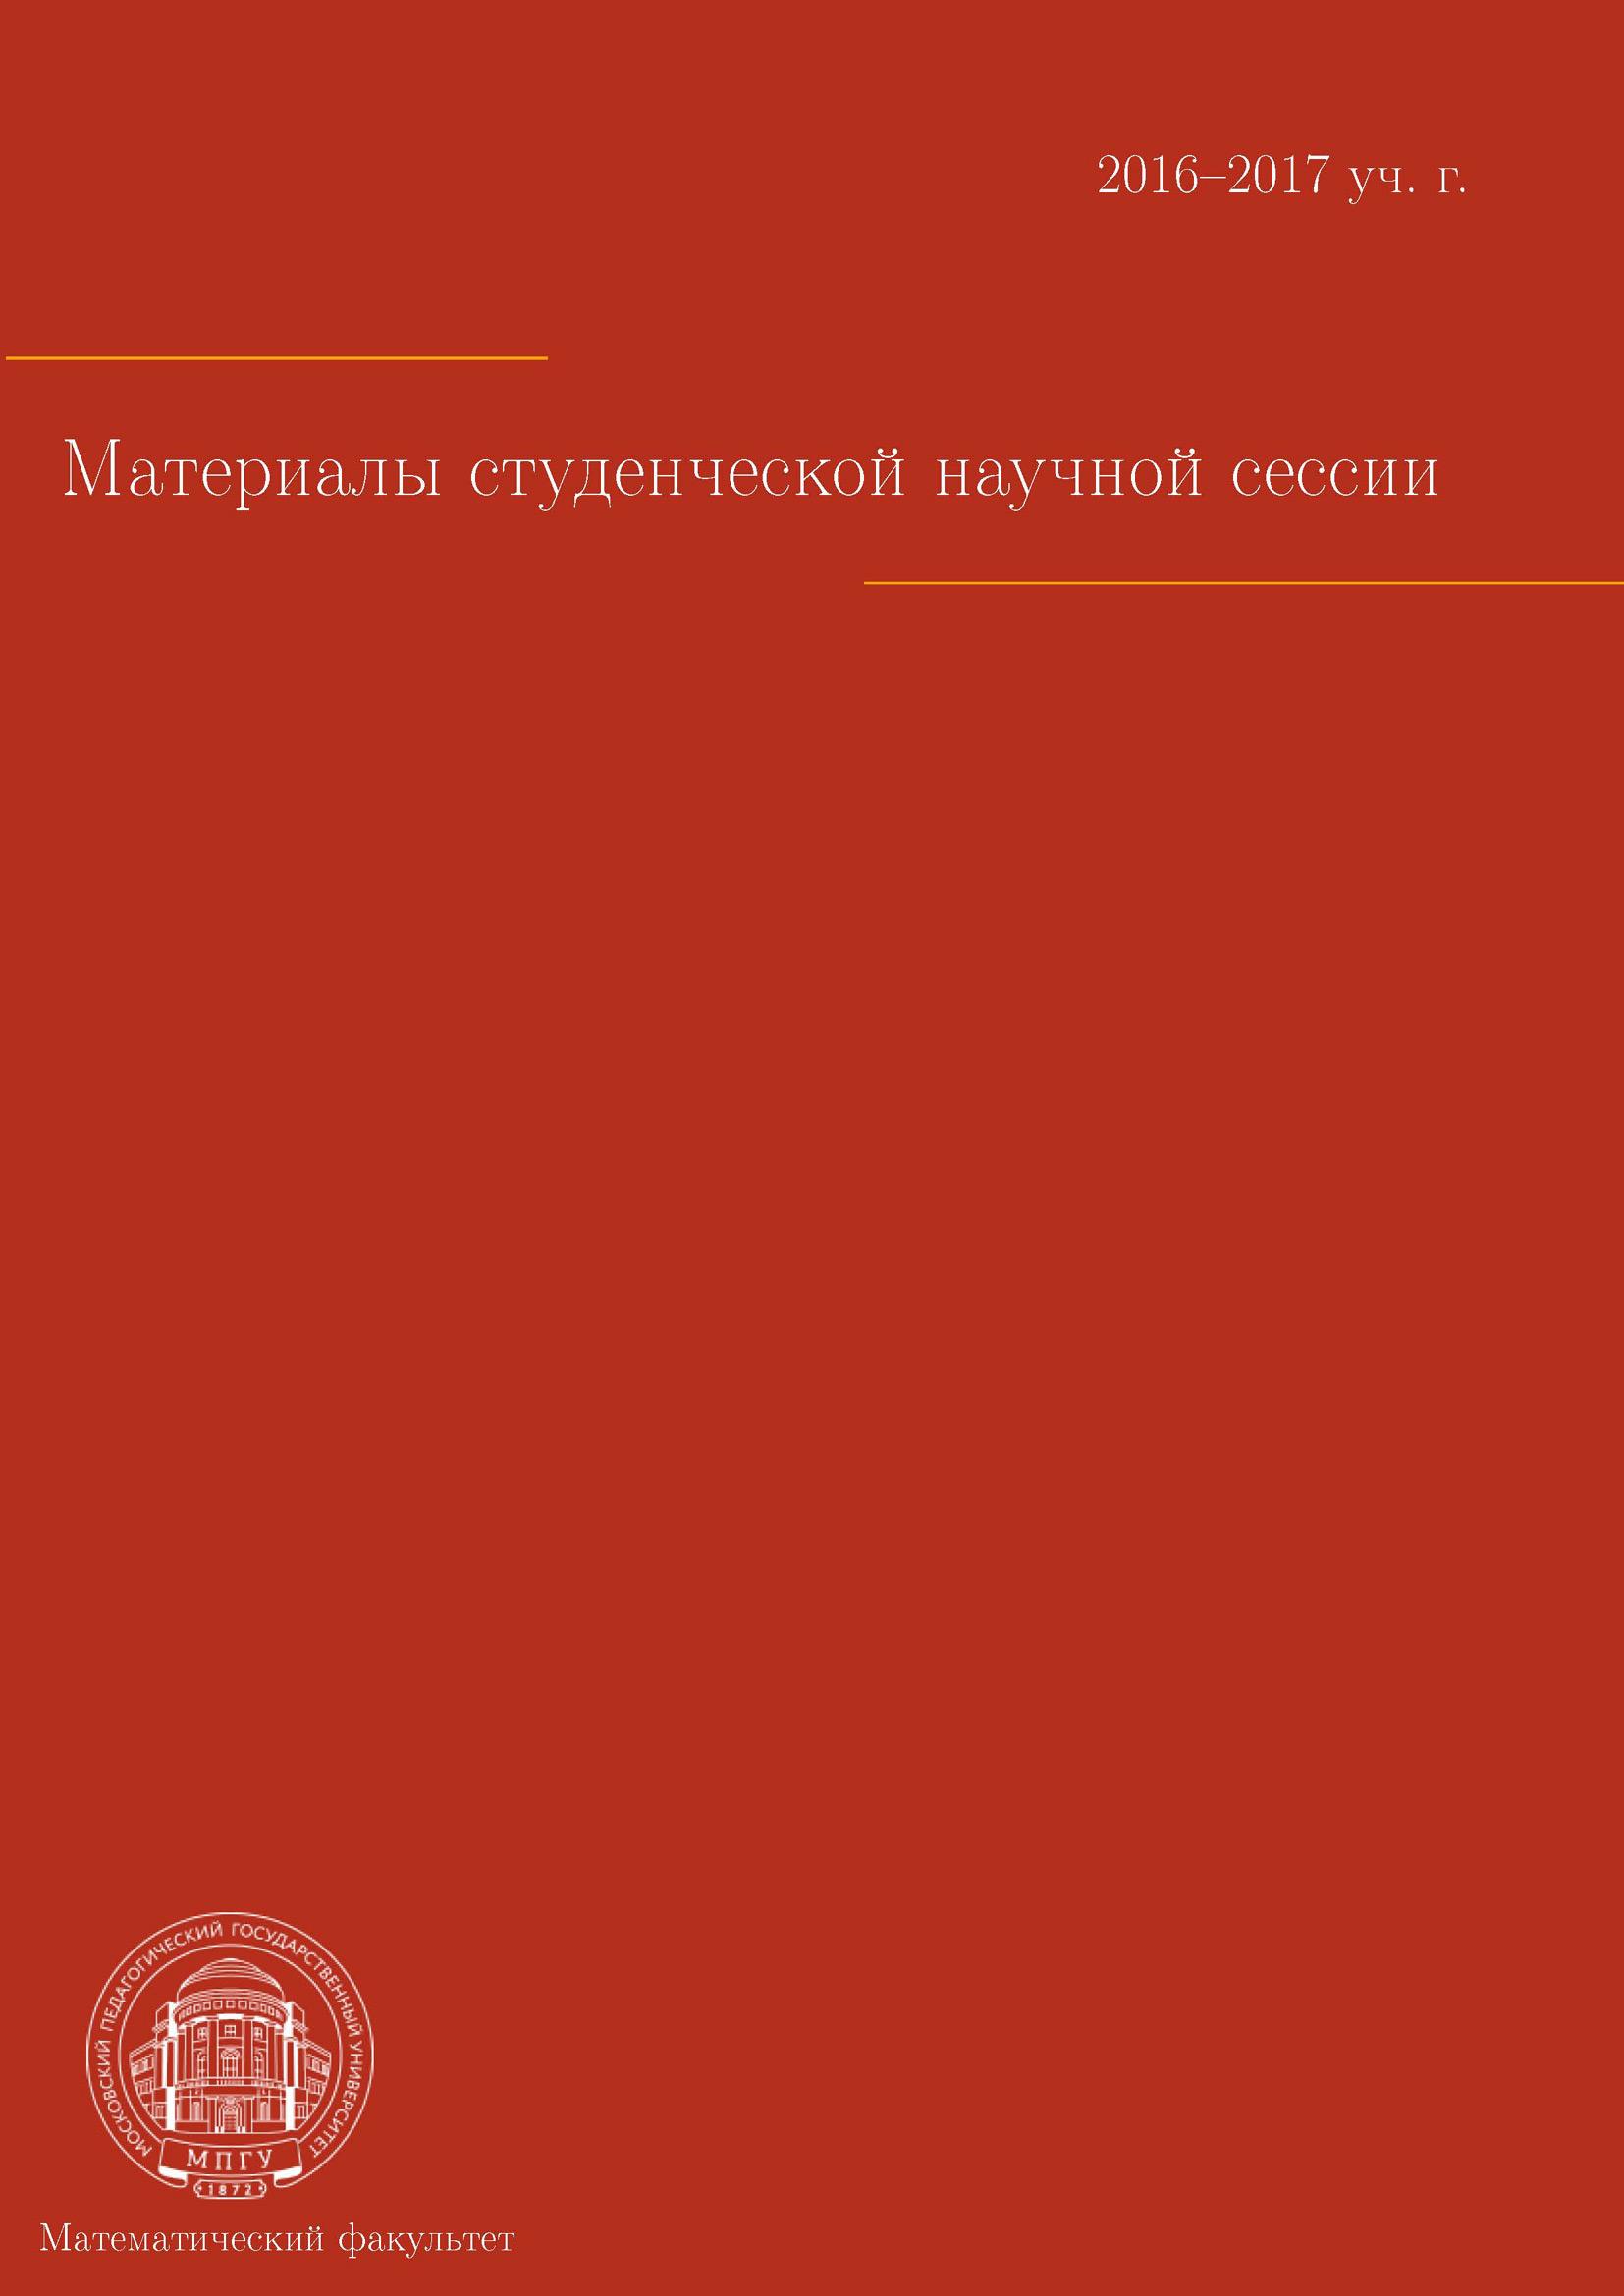 Материалы студенческой научной сессии. Москва, 03–08 апреля 2017 г.